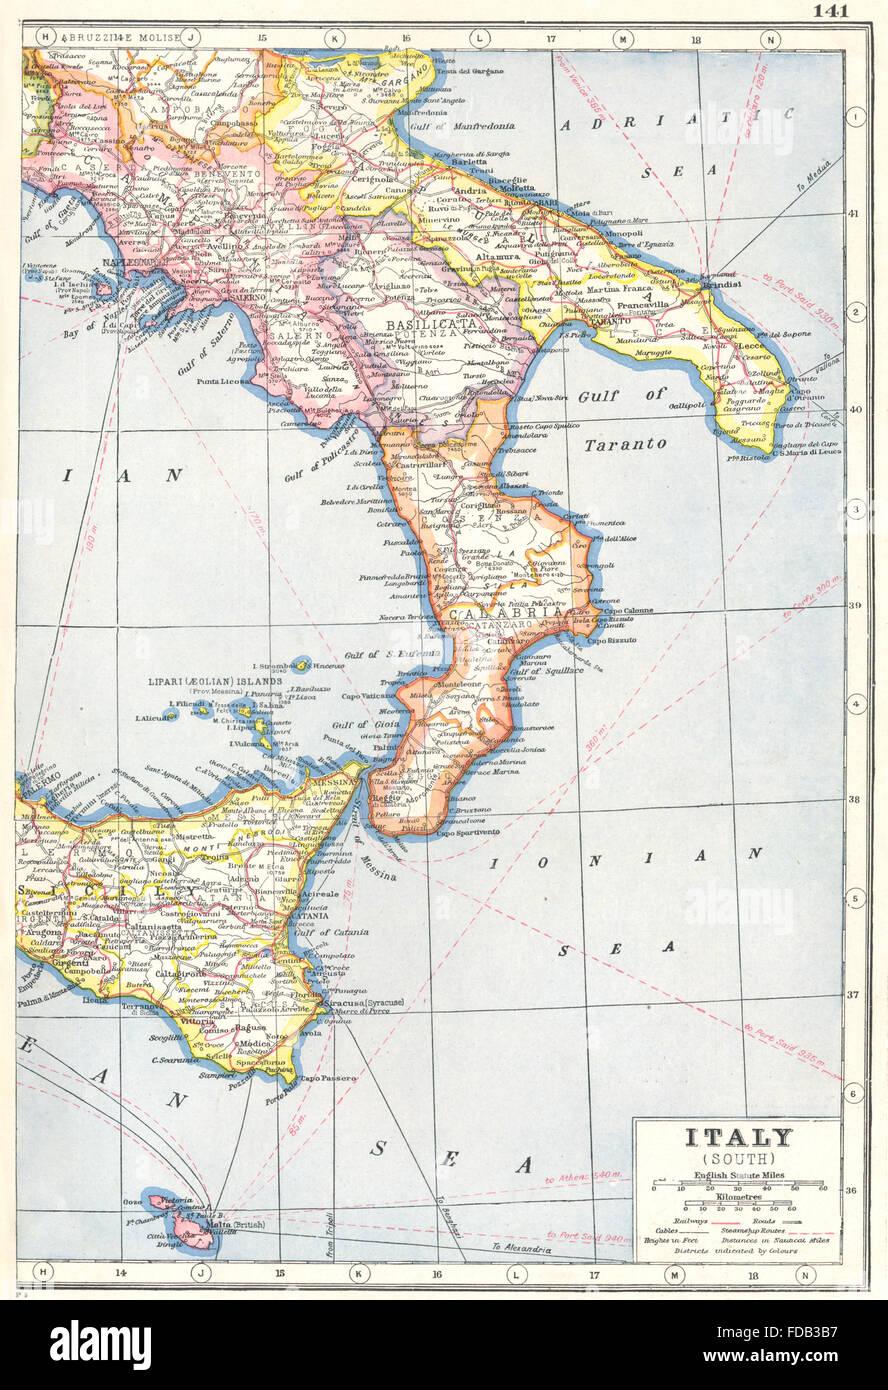 Cartina Calabria E Puglia.Italia Del Sud Malta Sicilia Calabria Basilicata Puglia